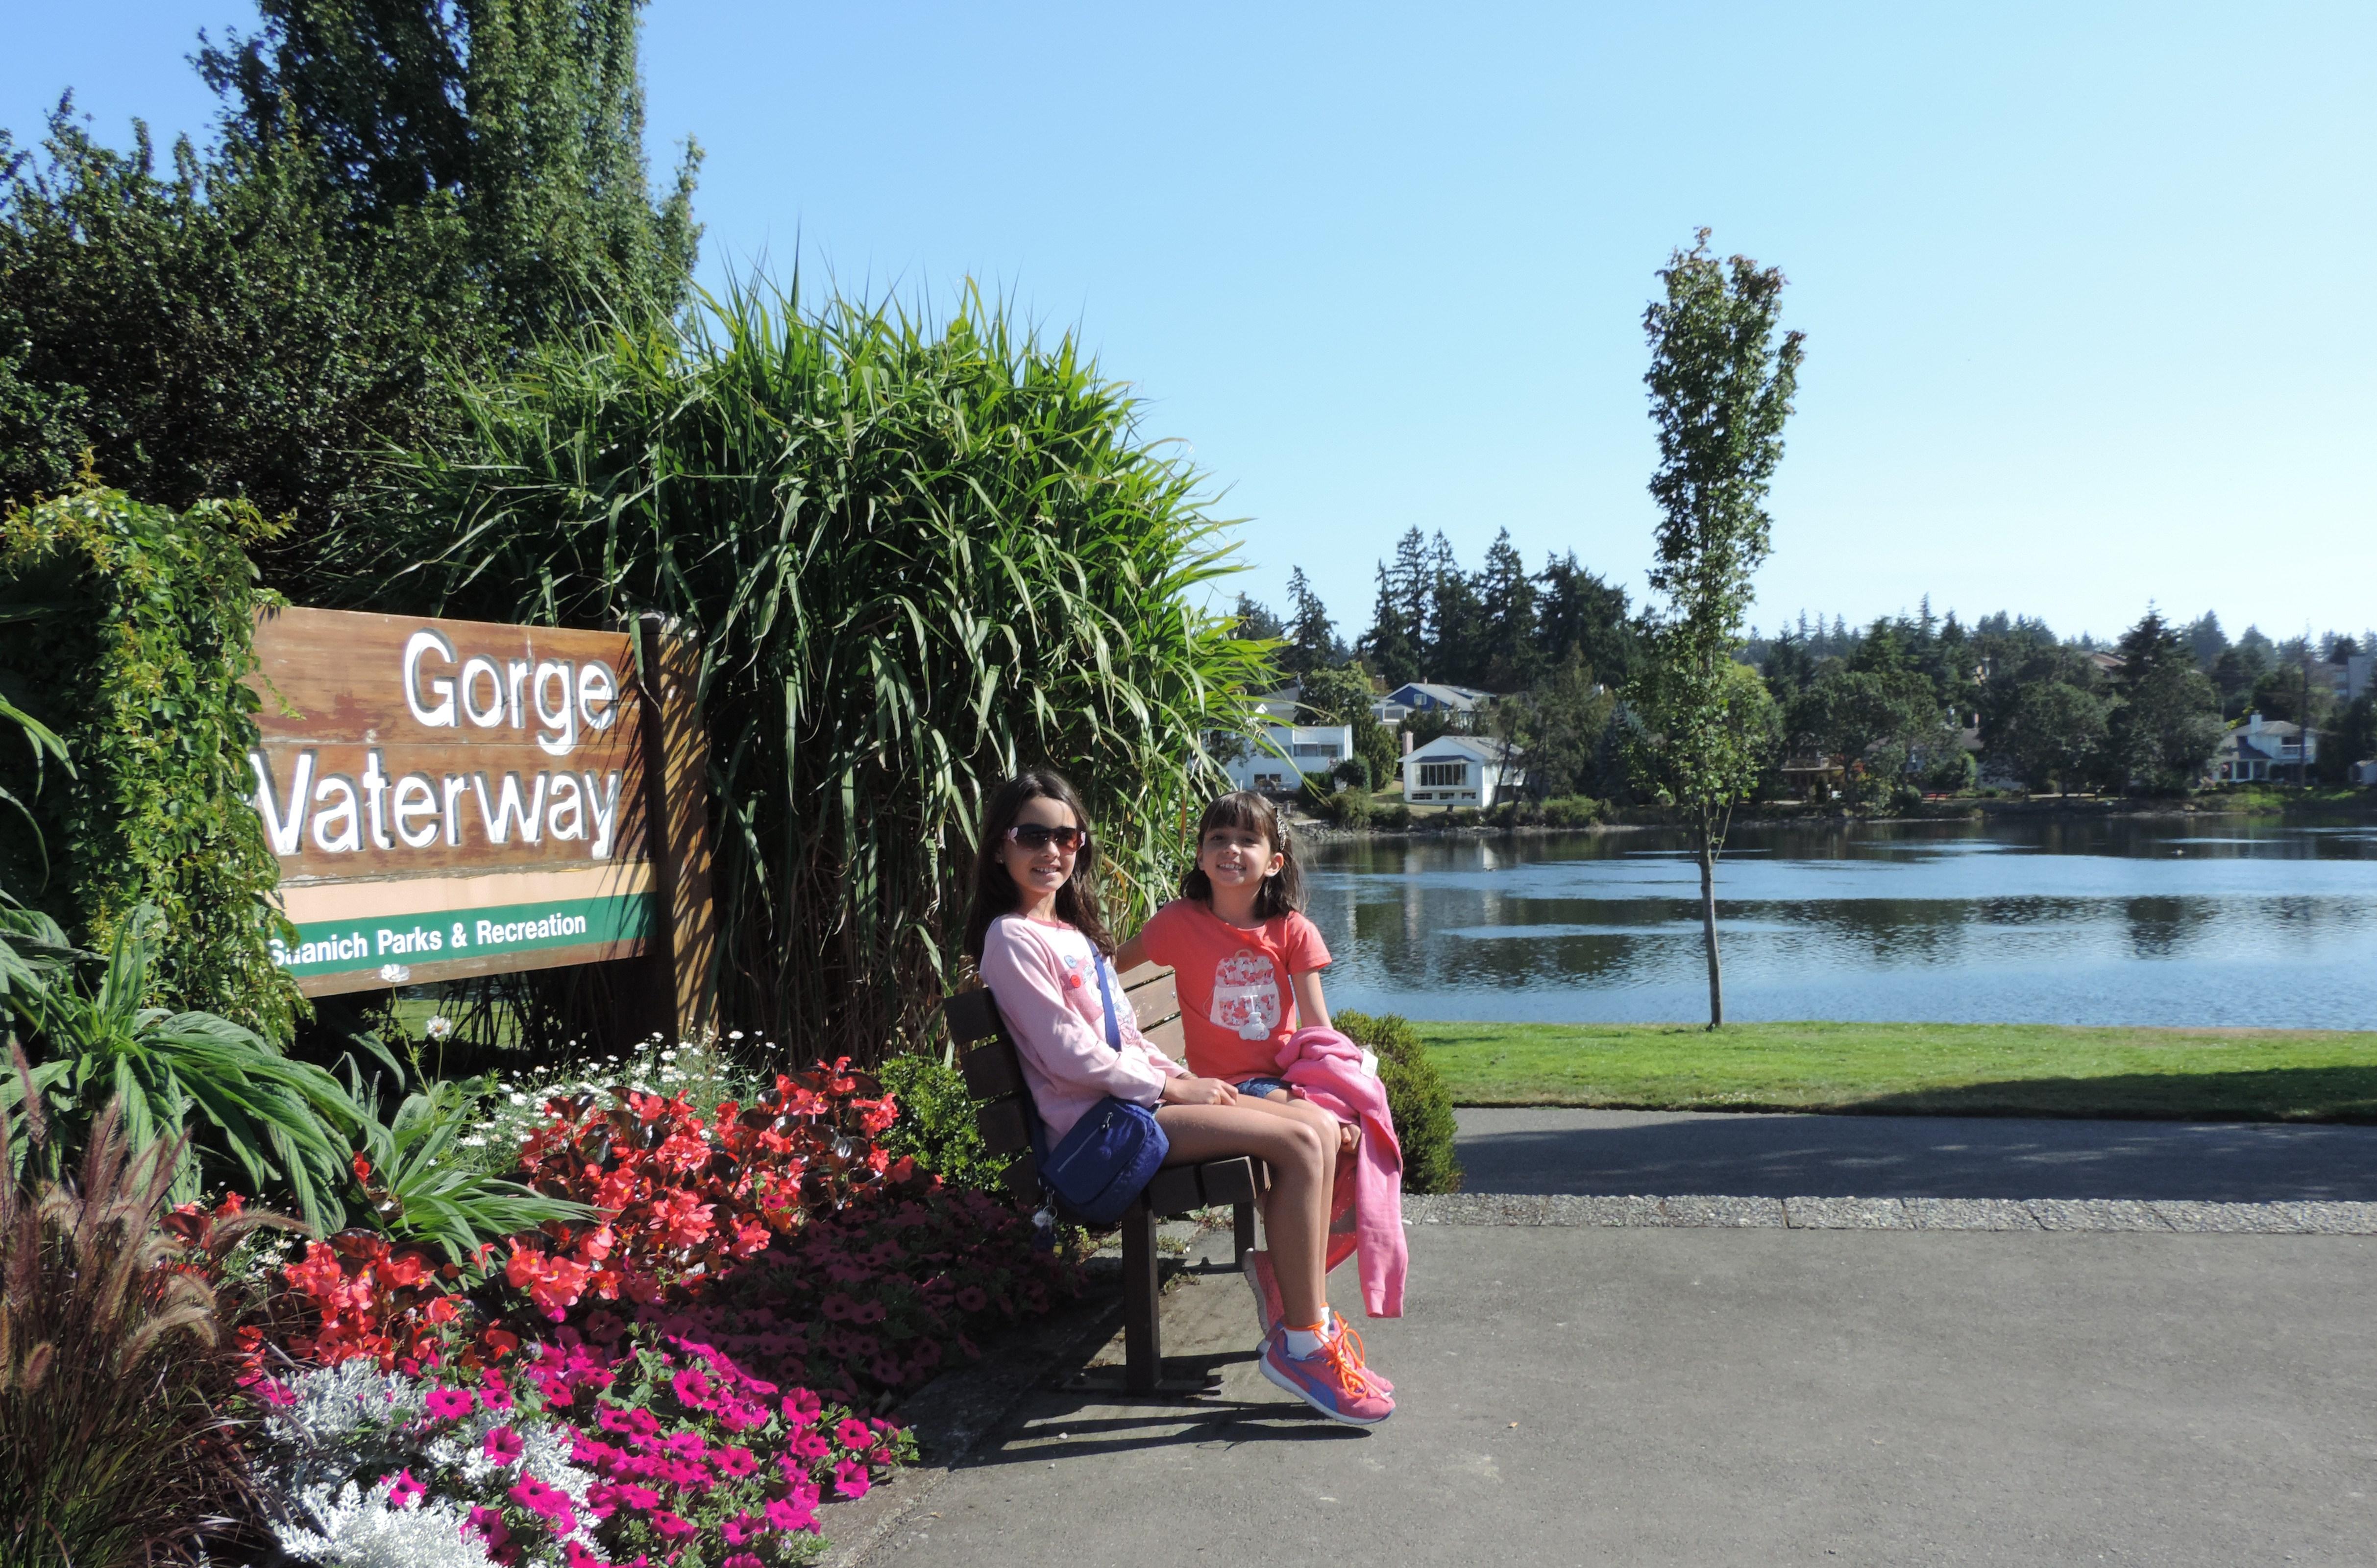 Gorge Waterway-viagemeintercambioemfamilia